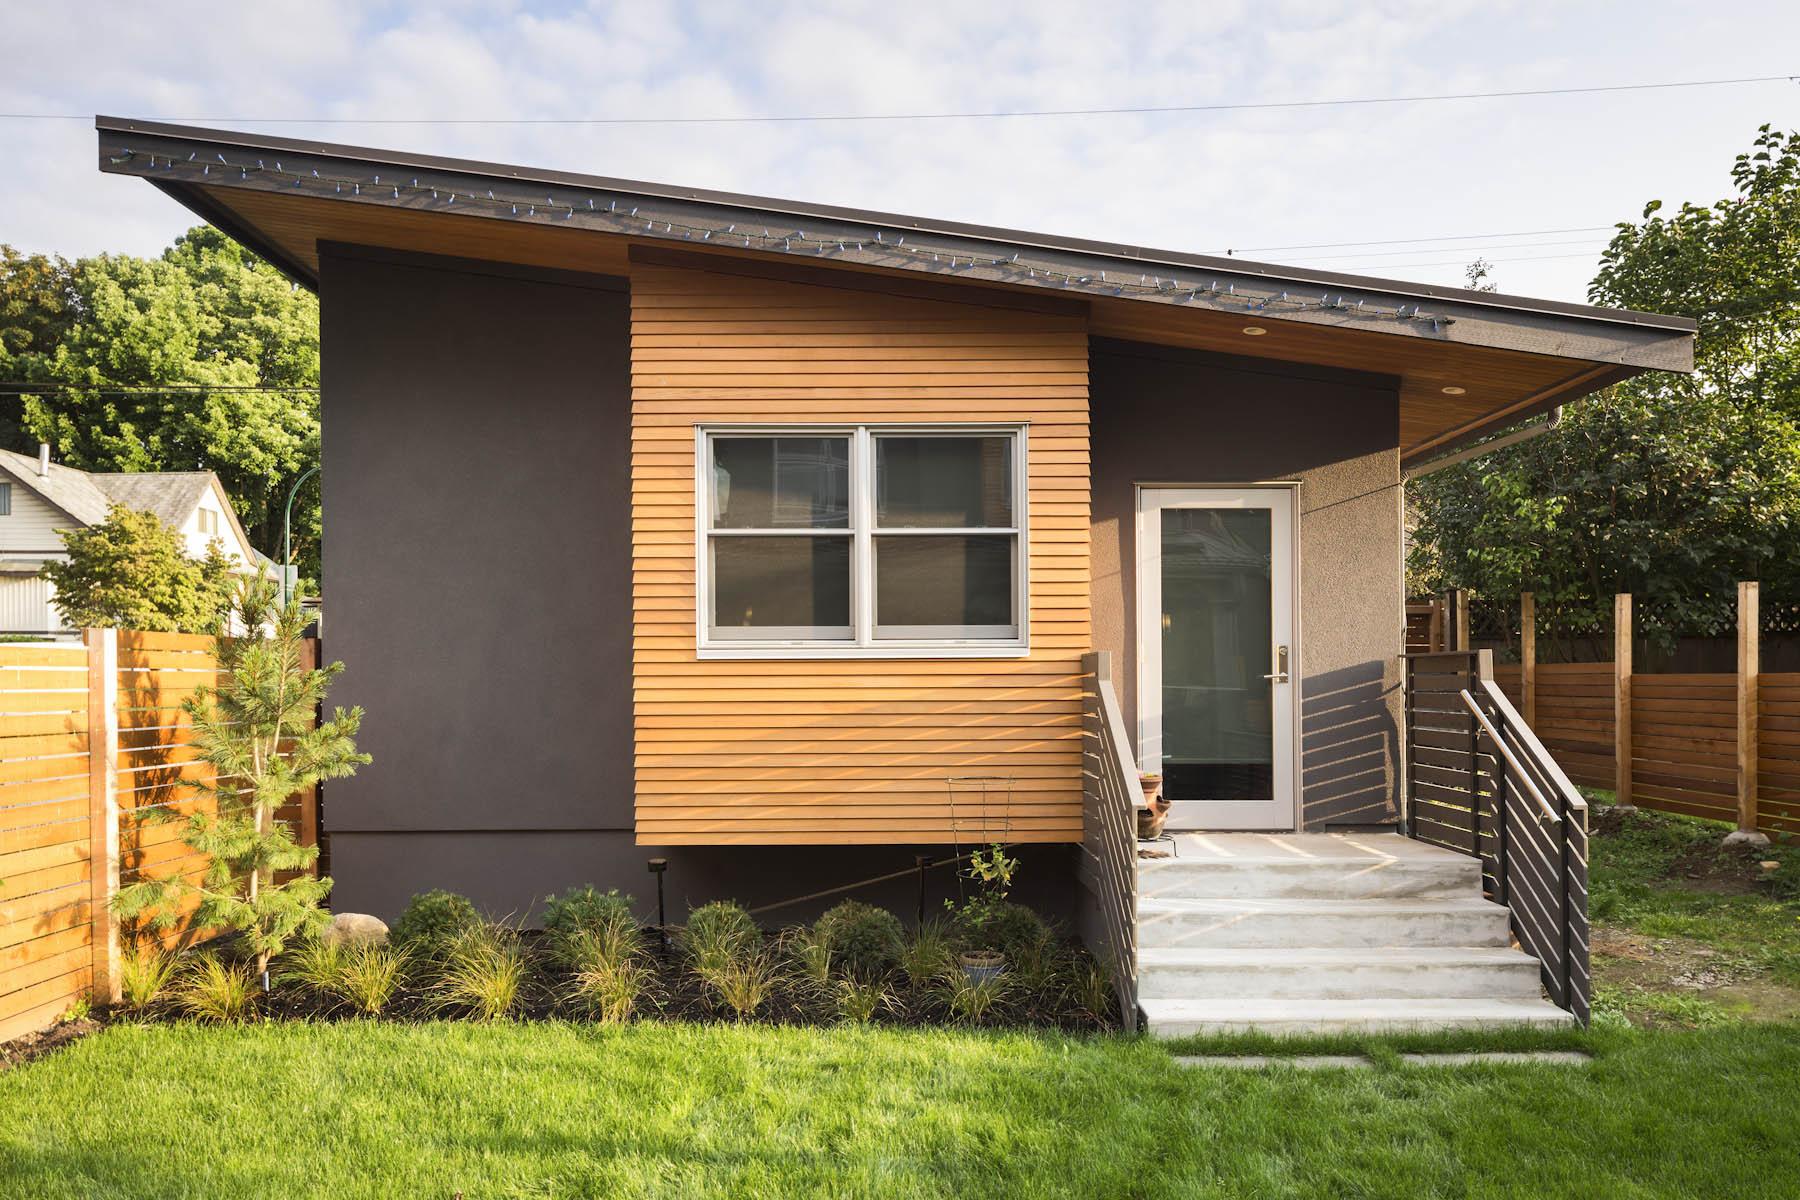 house design 23.jpg